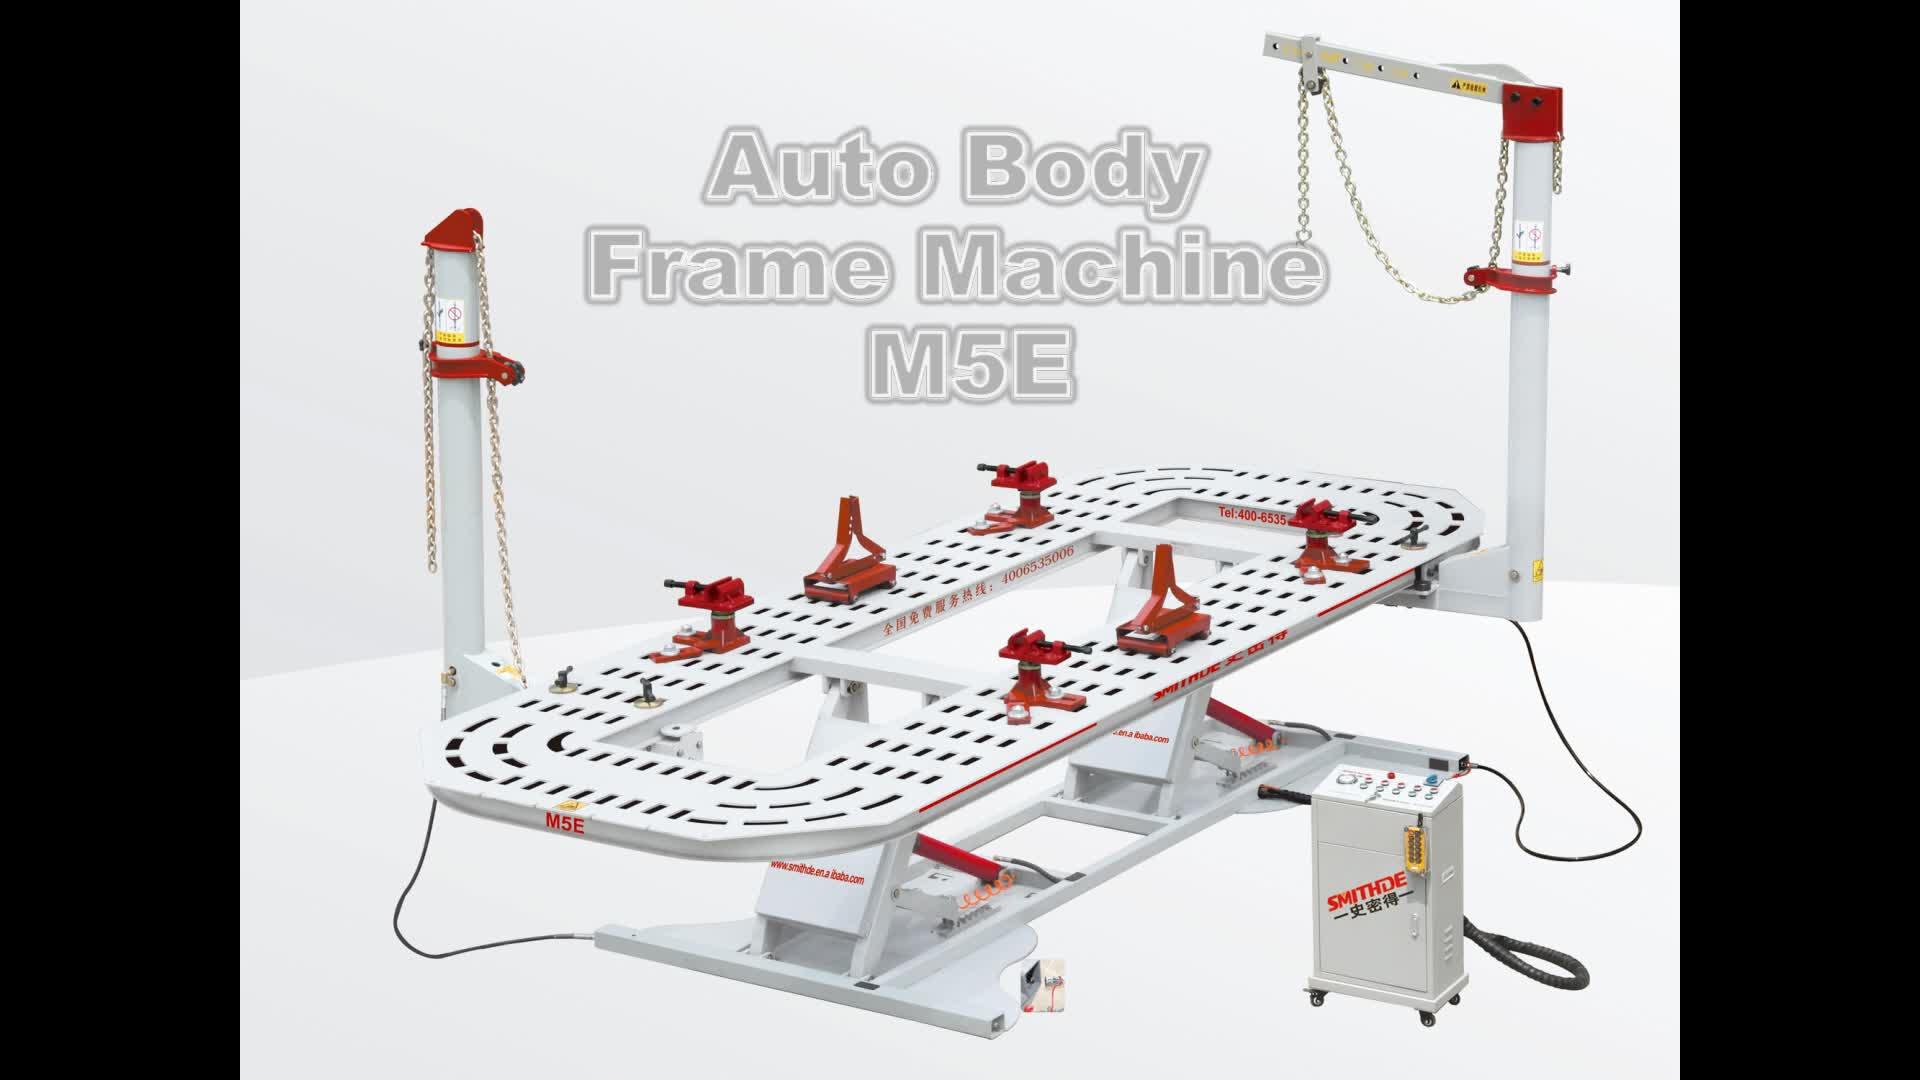 बिजली के नियंत्रण/ऑटो शरीर संरेखण और सीधे बेंच -- M5E